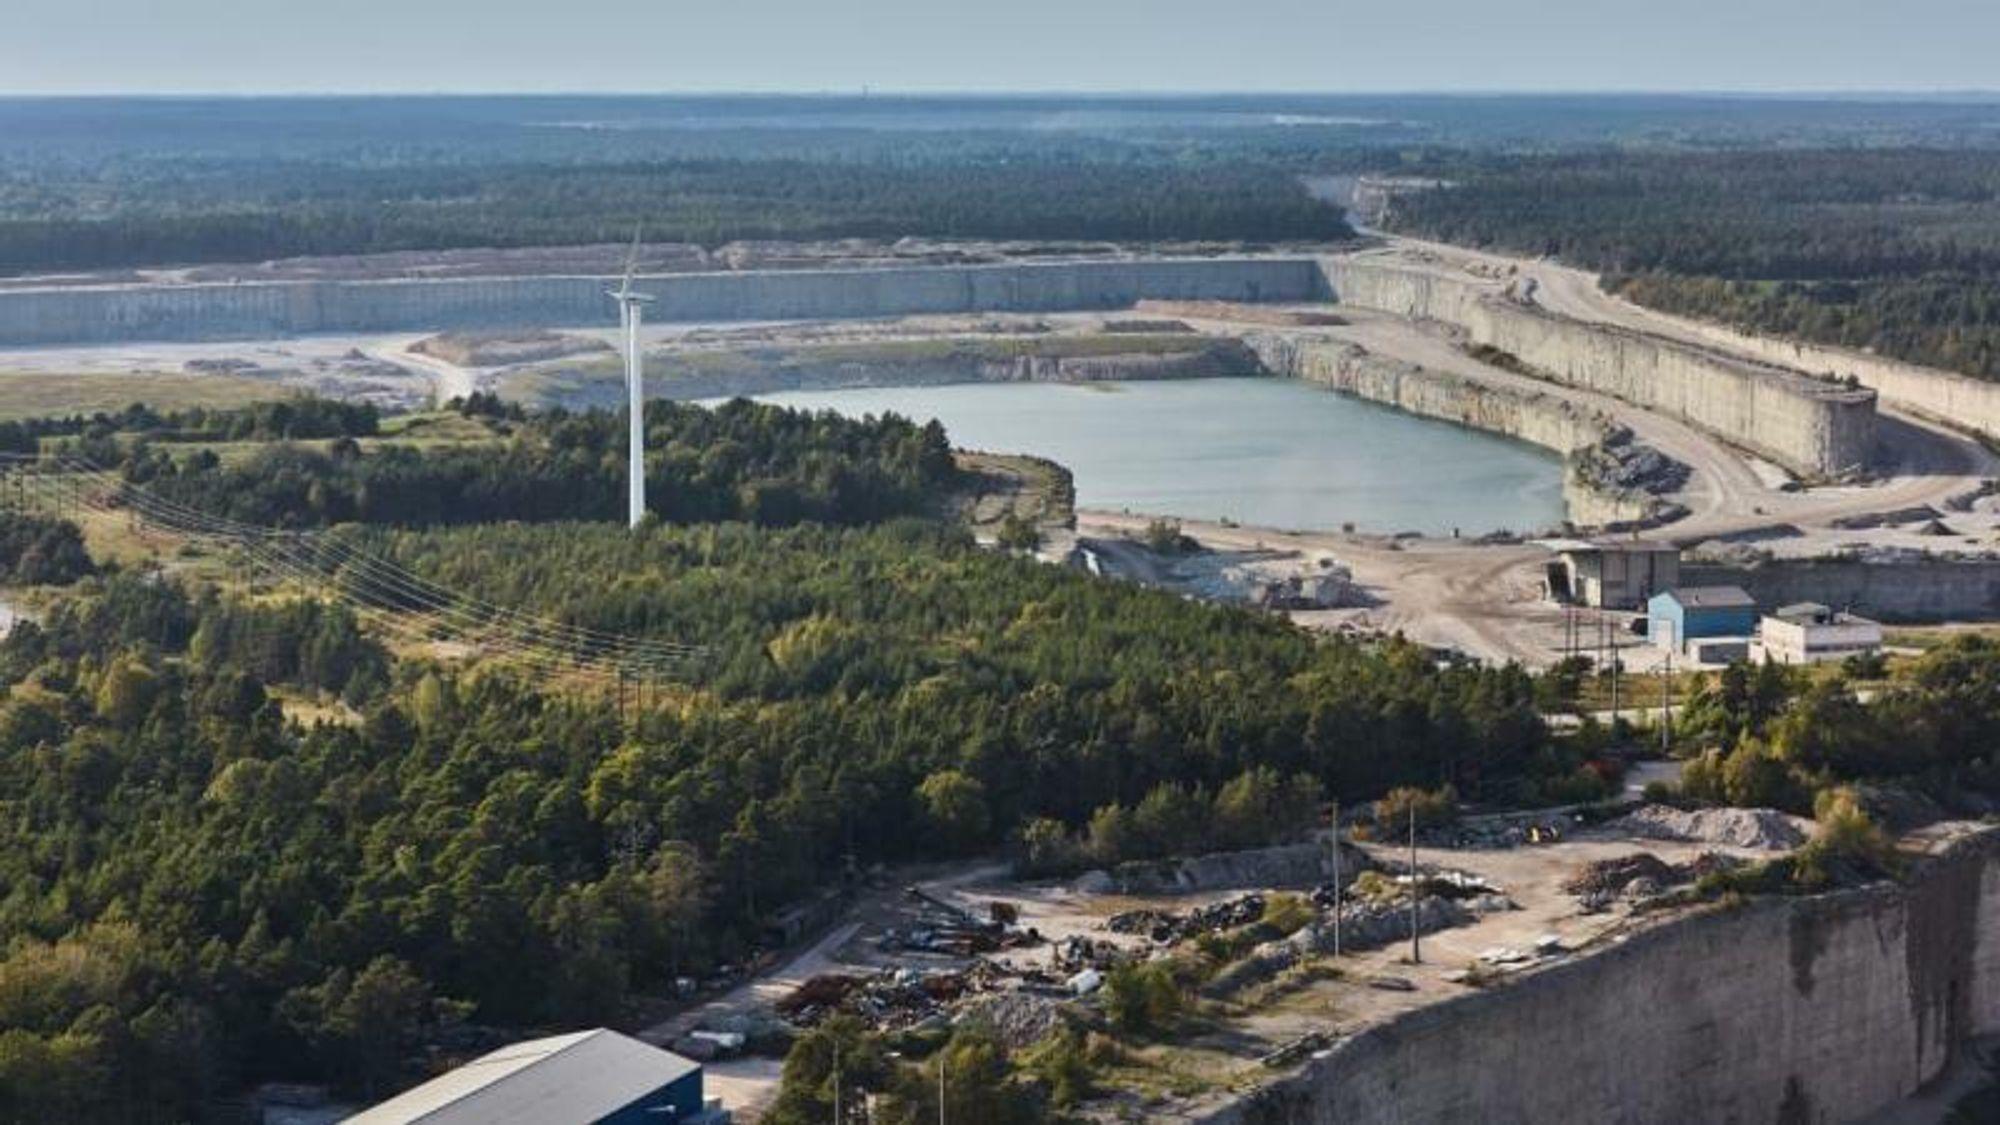 Ifølge den øverste svenske miljødomstolen har sementprodusenten Cementa undervurdert miljøkonsekvensene av fortsatt kalkutvinning i selskapets steinbrudd på Gotland. Derfor fikk ikke selskapet fornyet tillatelsen.